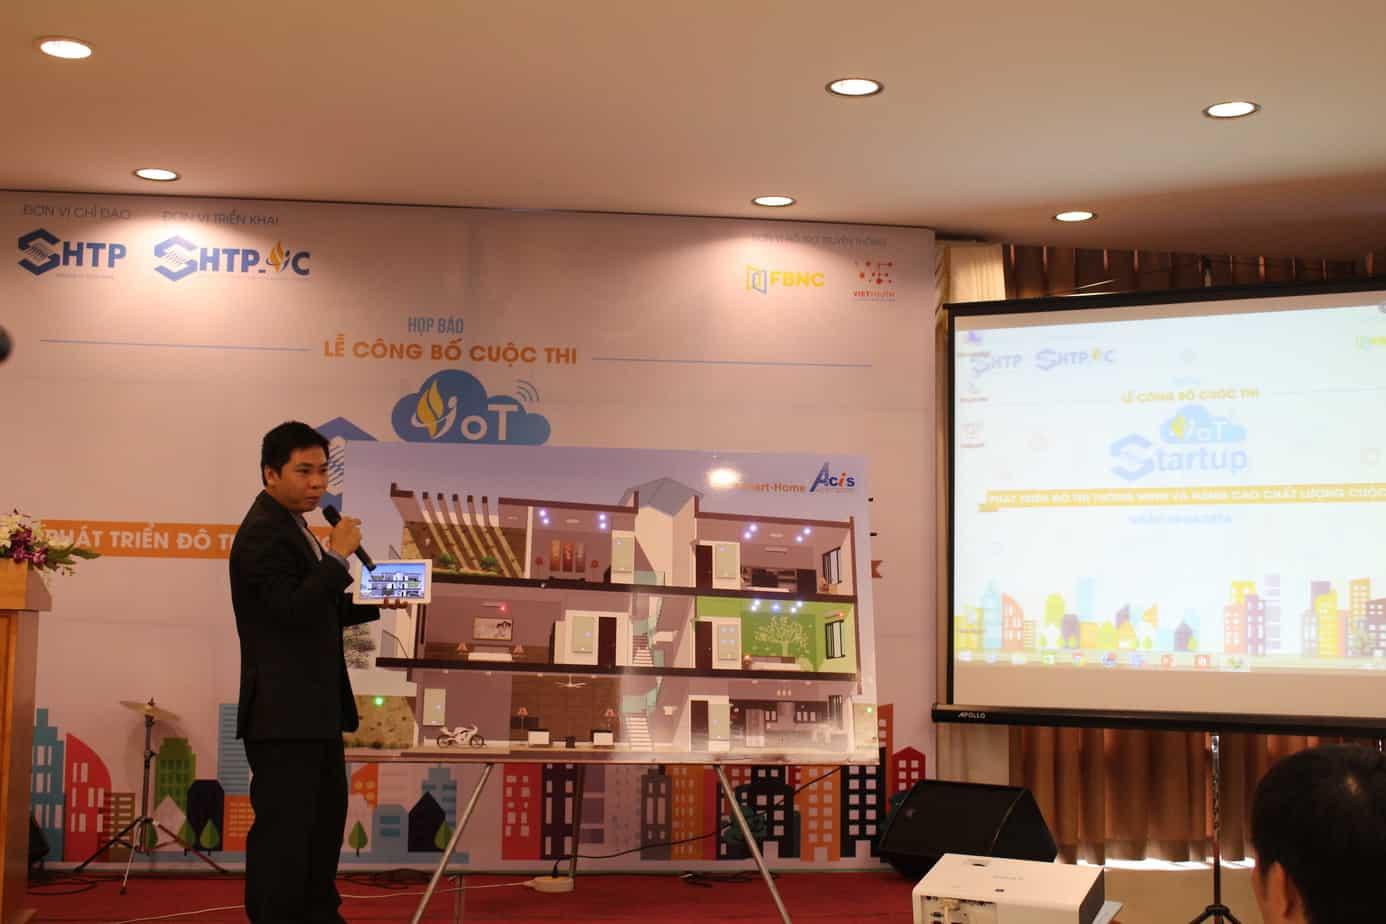 SHTP-IC phát động cuộc thi khởi nghiệp với IoT 5